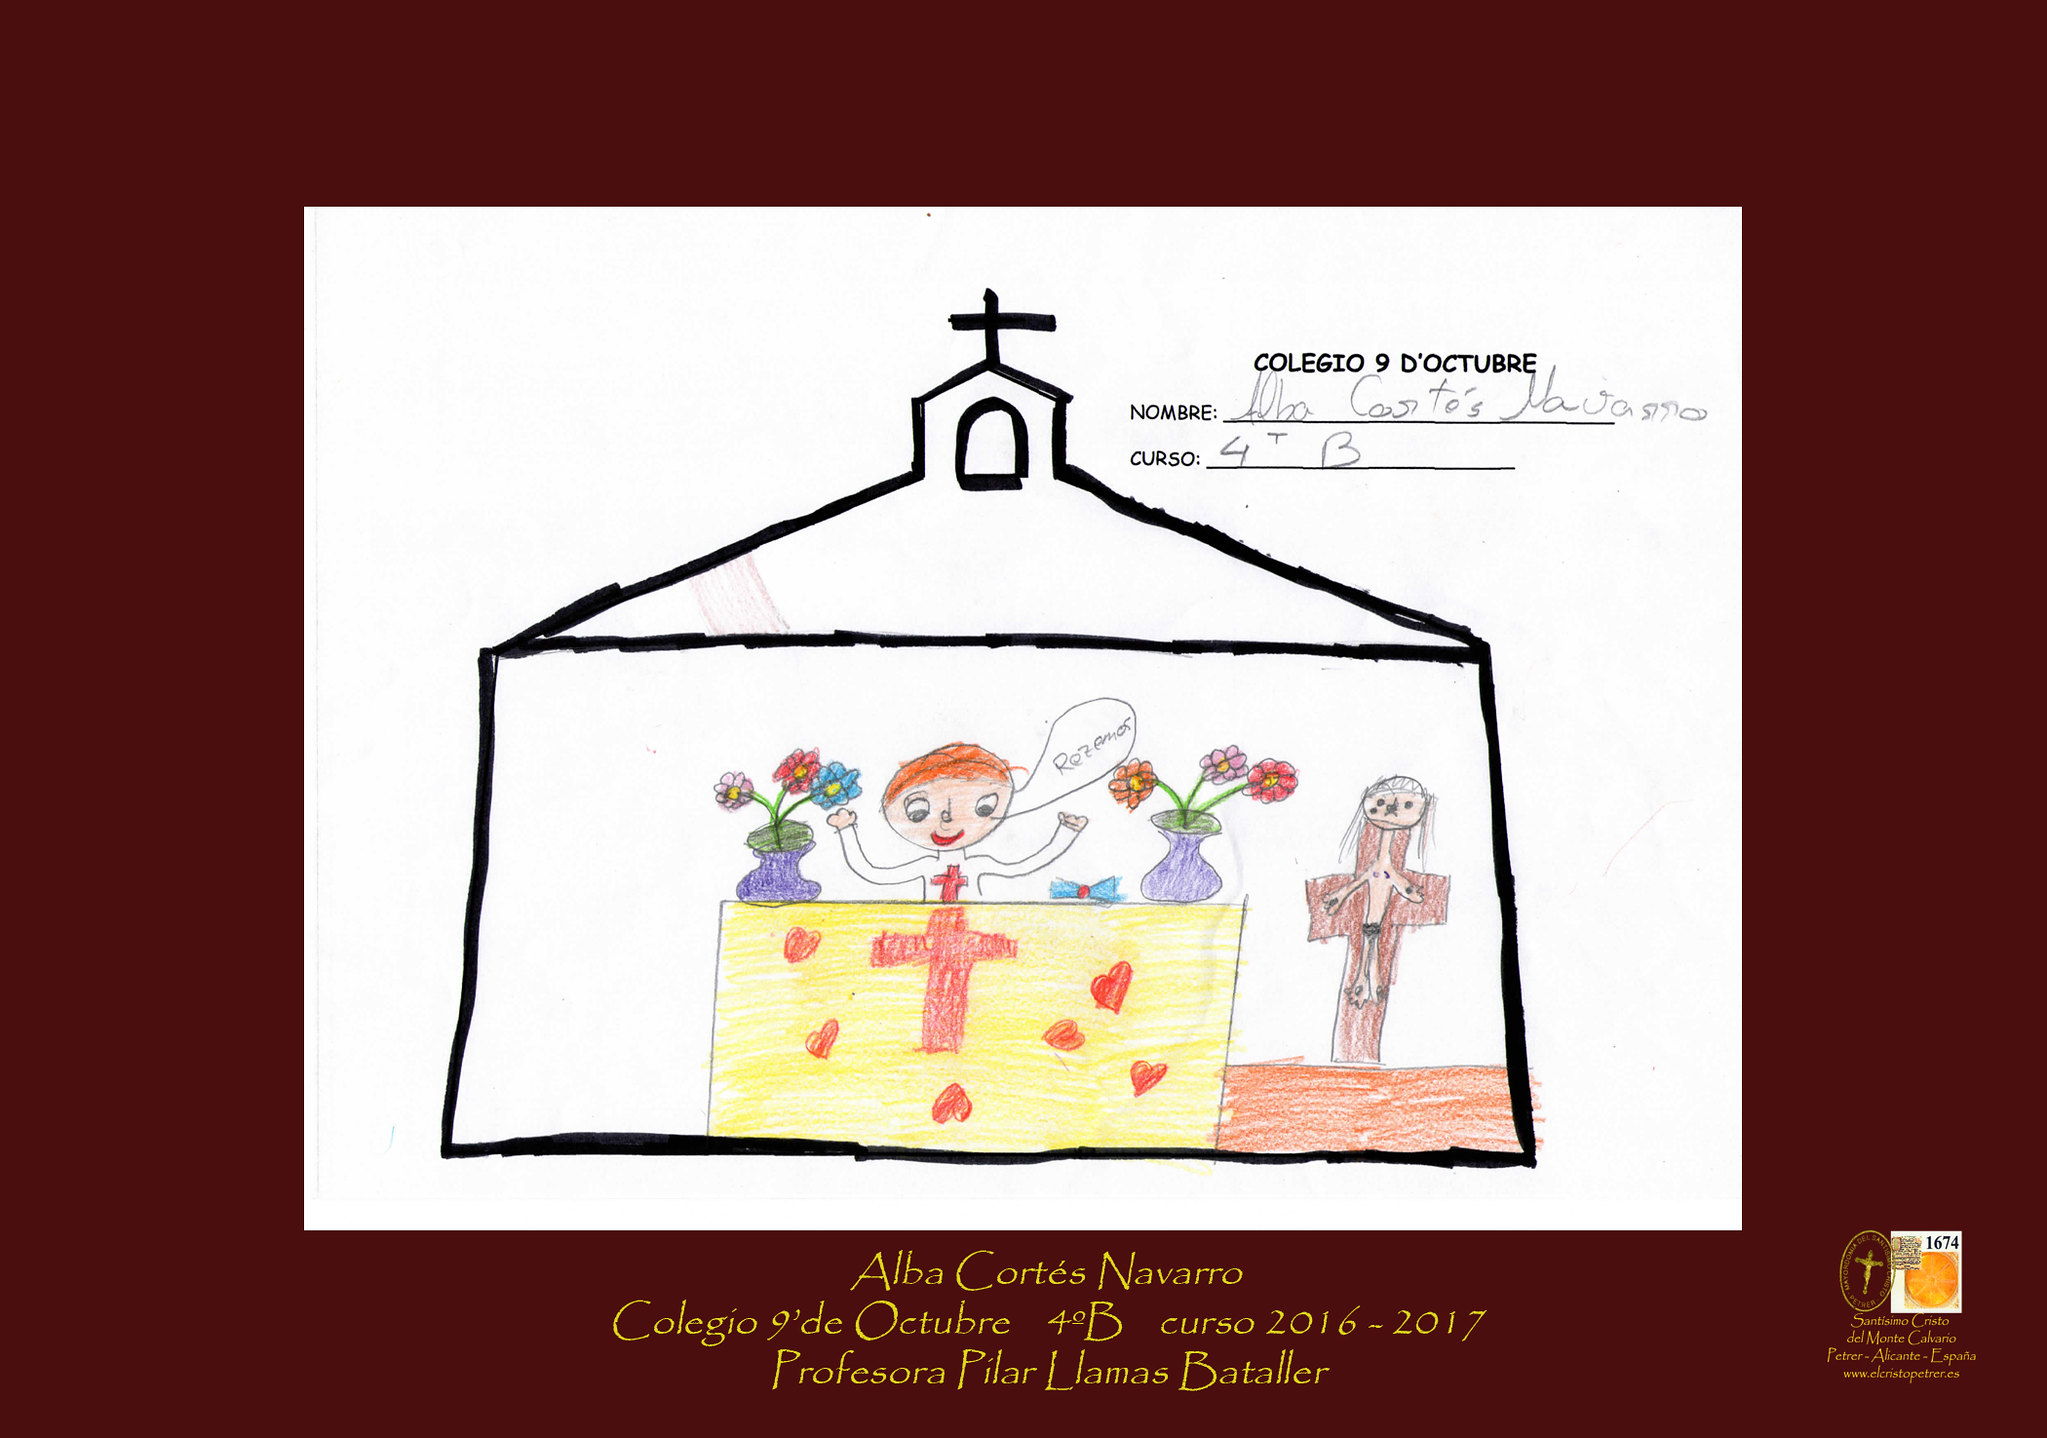 ElCristo - Actos - Exposicion Fotografica - (2017-12-01) - 9 D'Octubre - 4ºB - Cortés Navarro, Alba